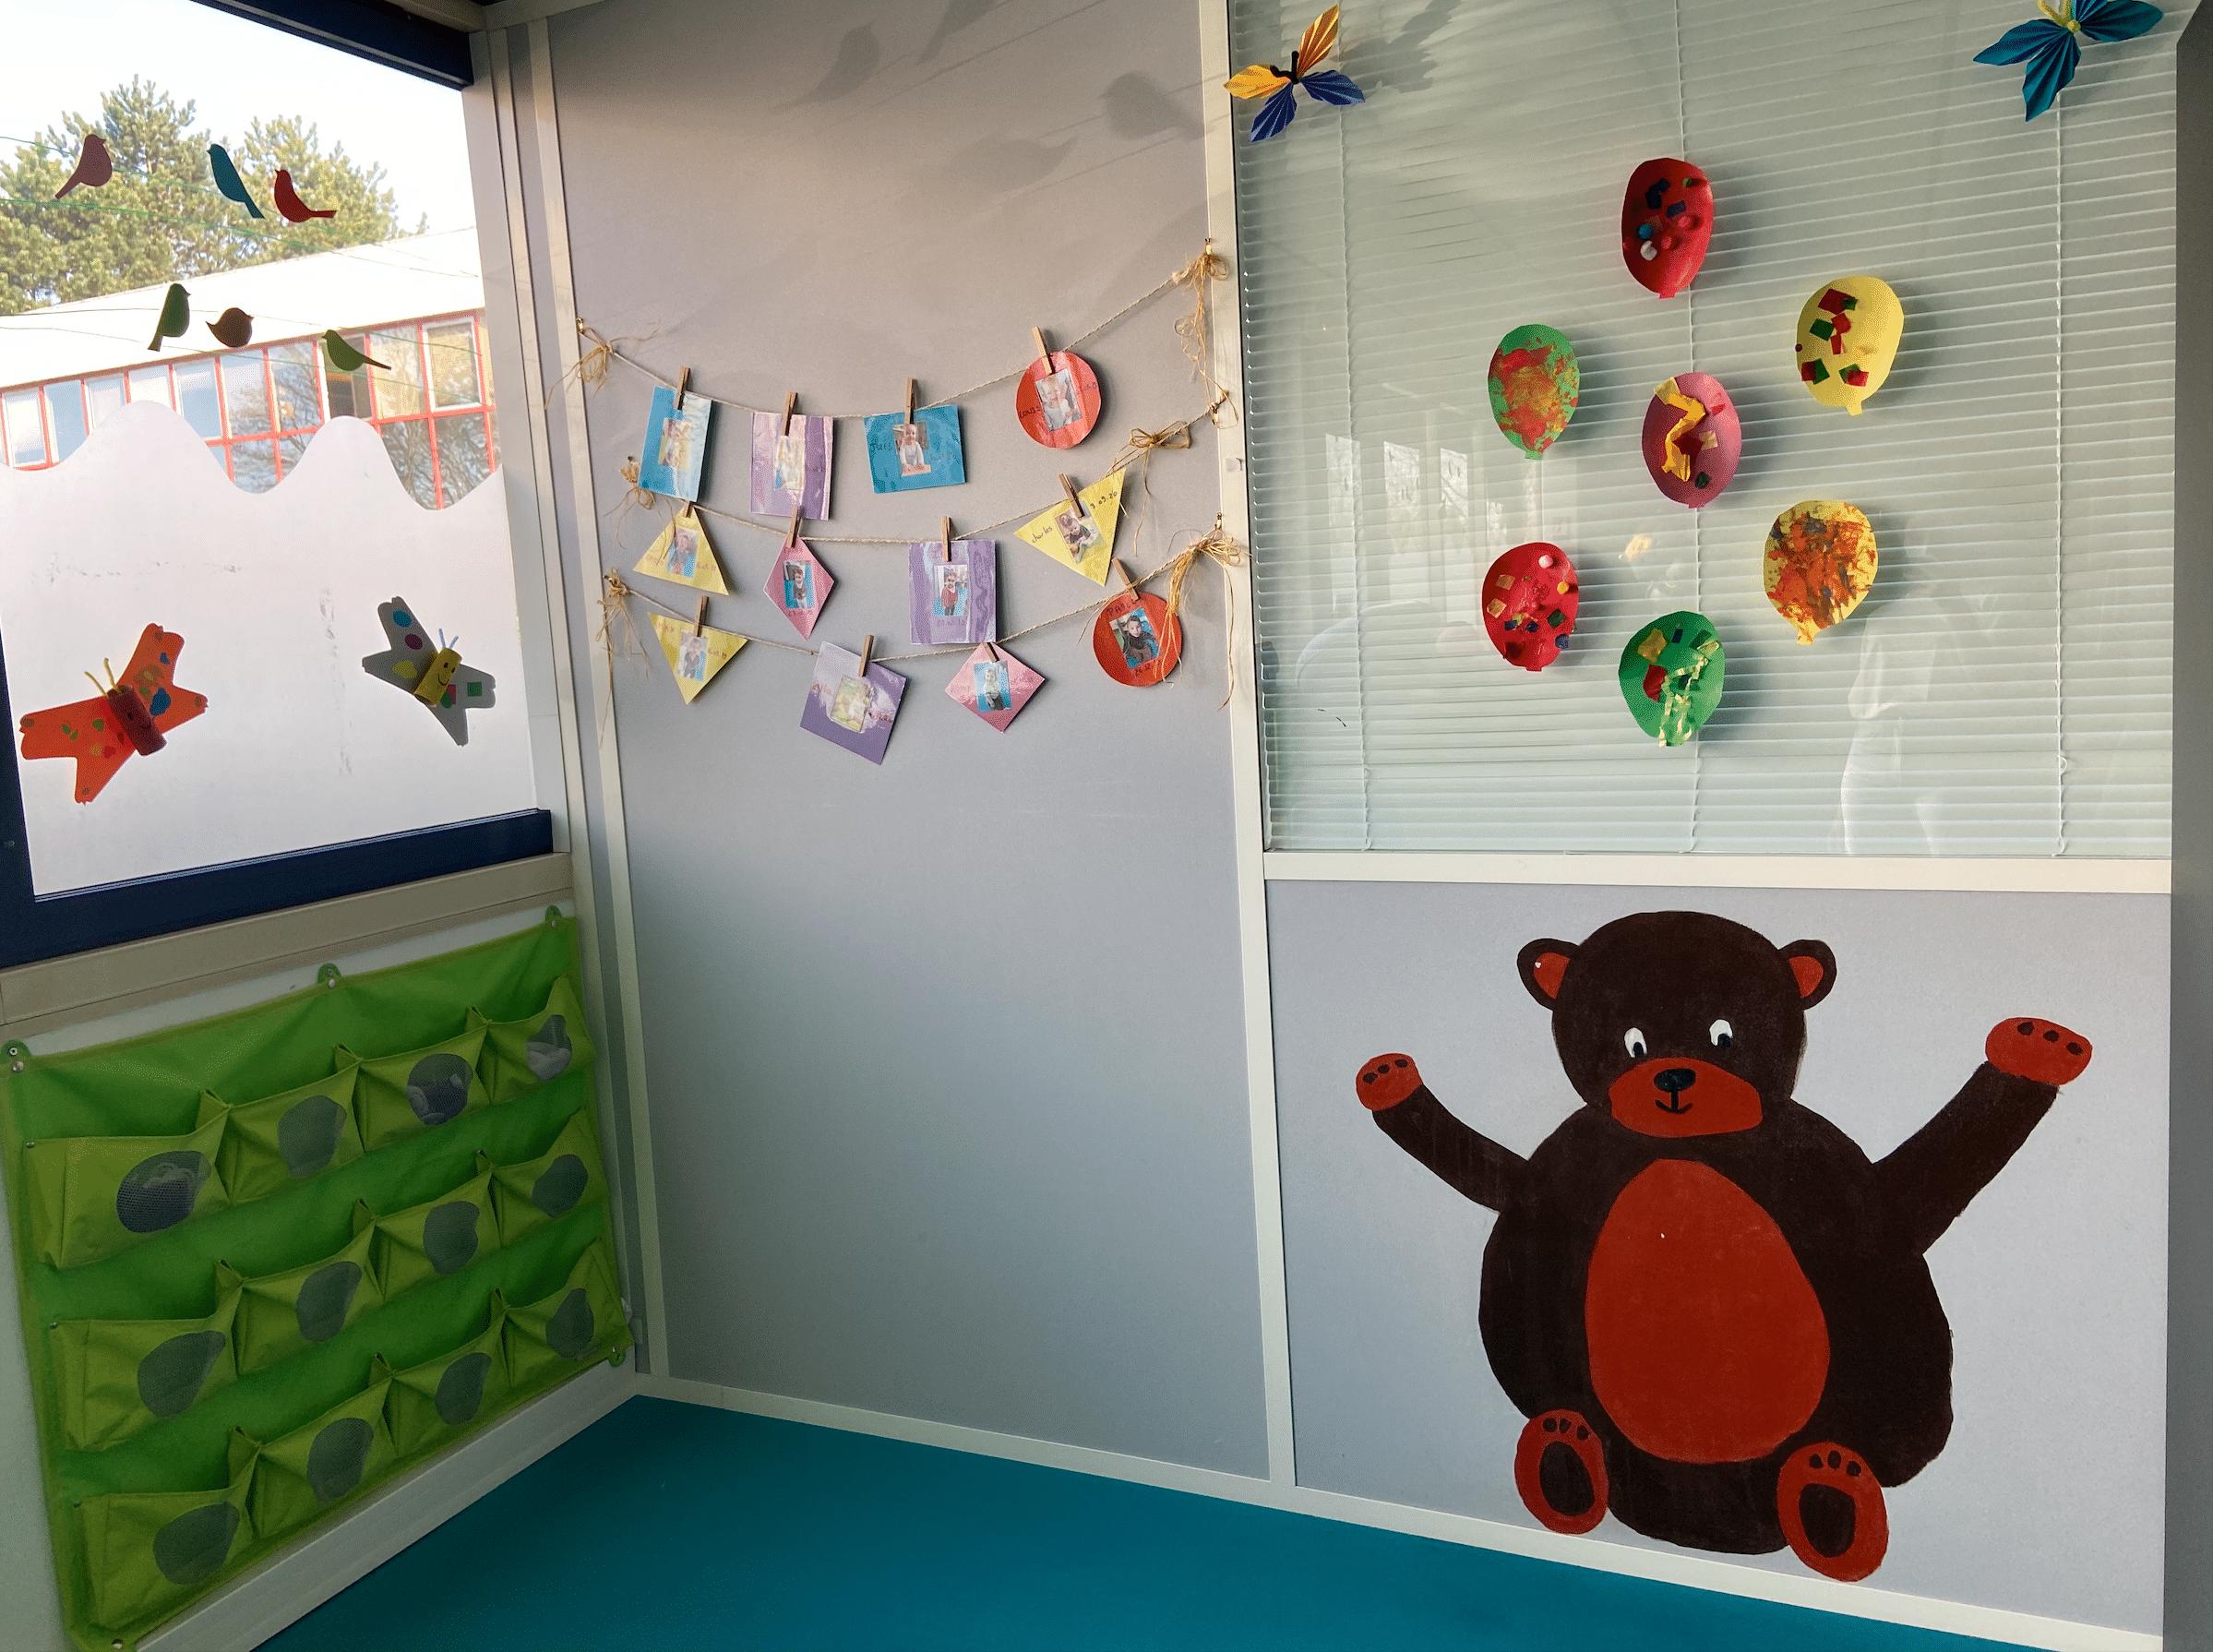 Décoration murale enfantine avec ours brun micro-crèche bois guillaume